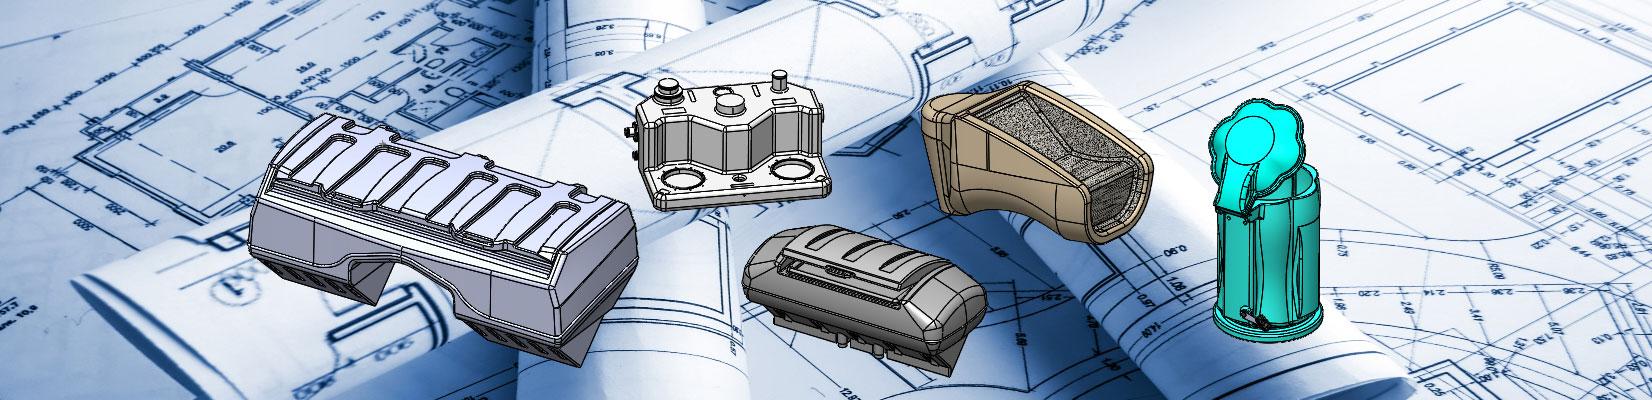 rotasyon, rotasyon kalıbı, rotasyon üretimi, rotasyon kalıp imalati, rotasyon alüminyun kalıp, rotasyon şaç kalıp, rotasyon plastik üretimi